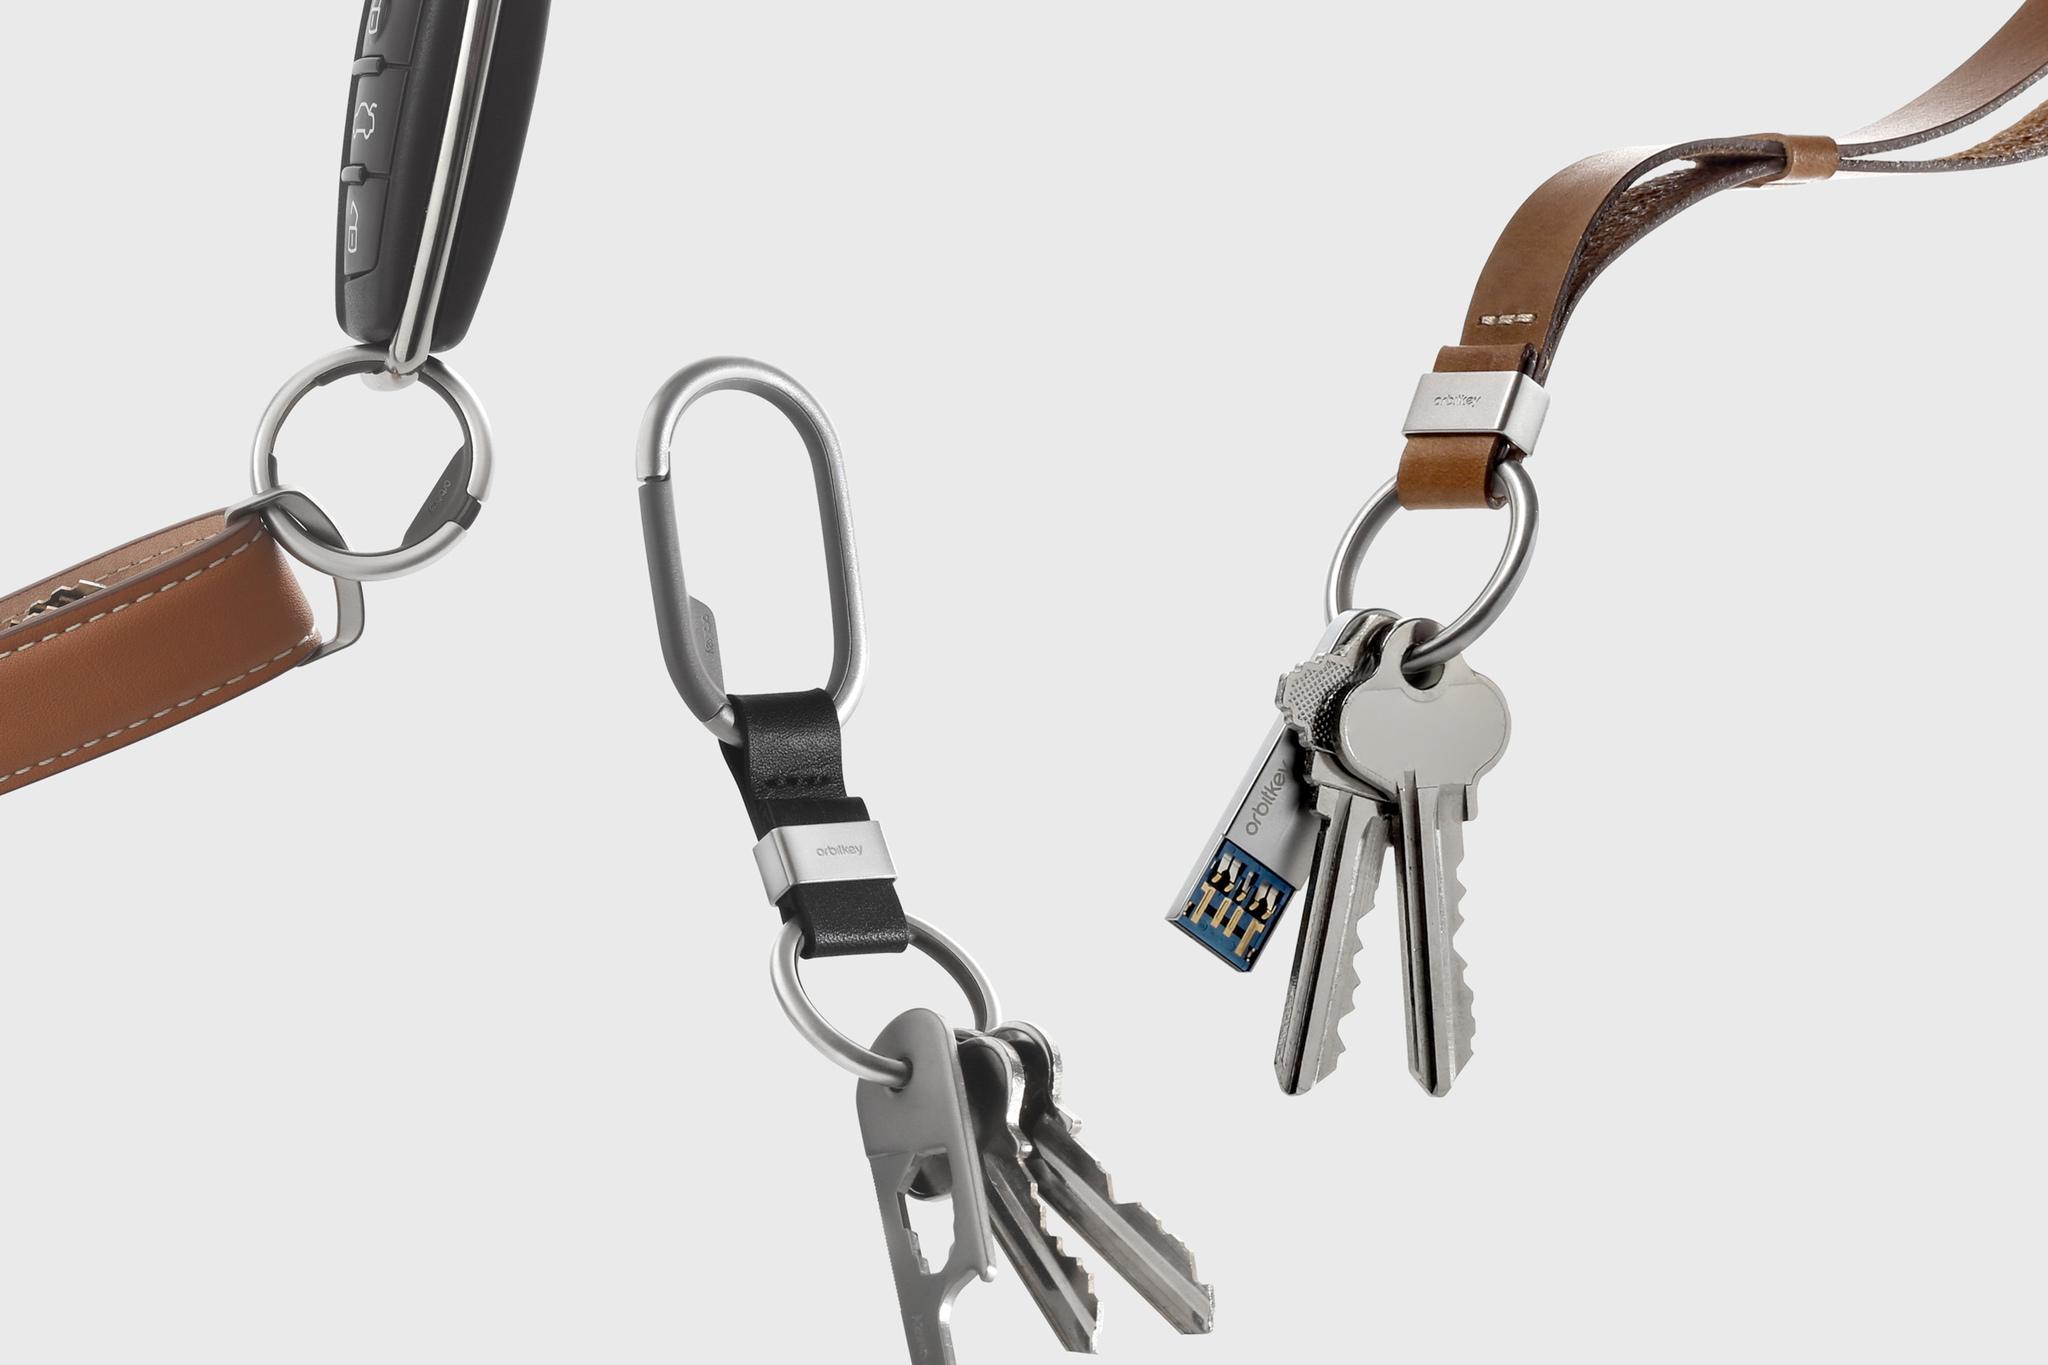 Обзор аксессуаров для ключей от Orbitkey